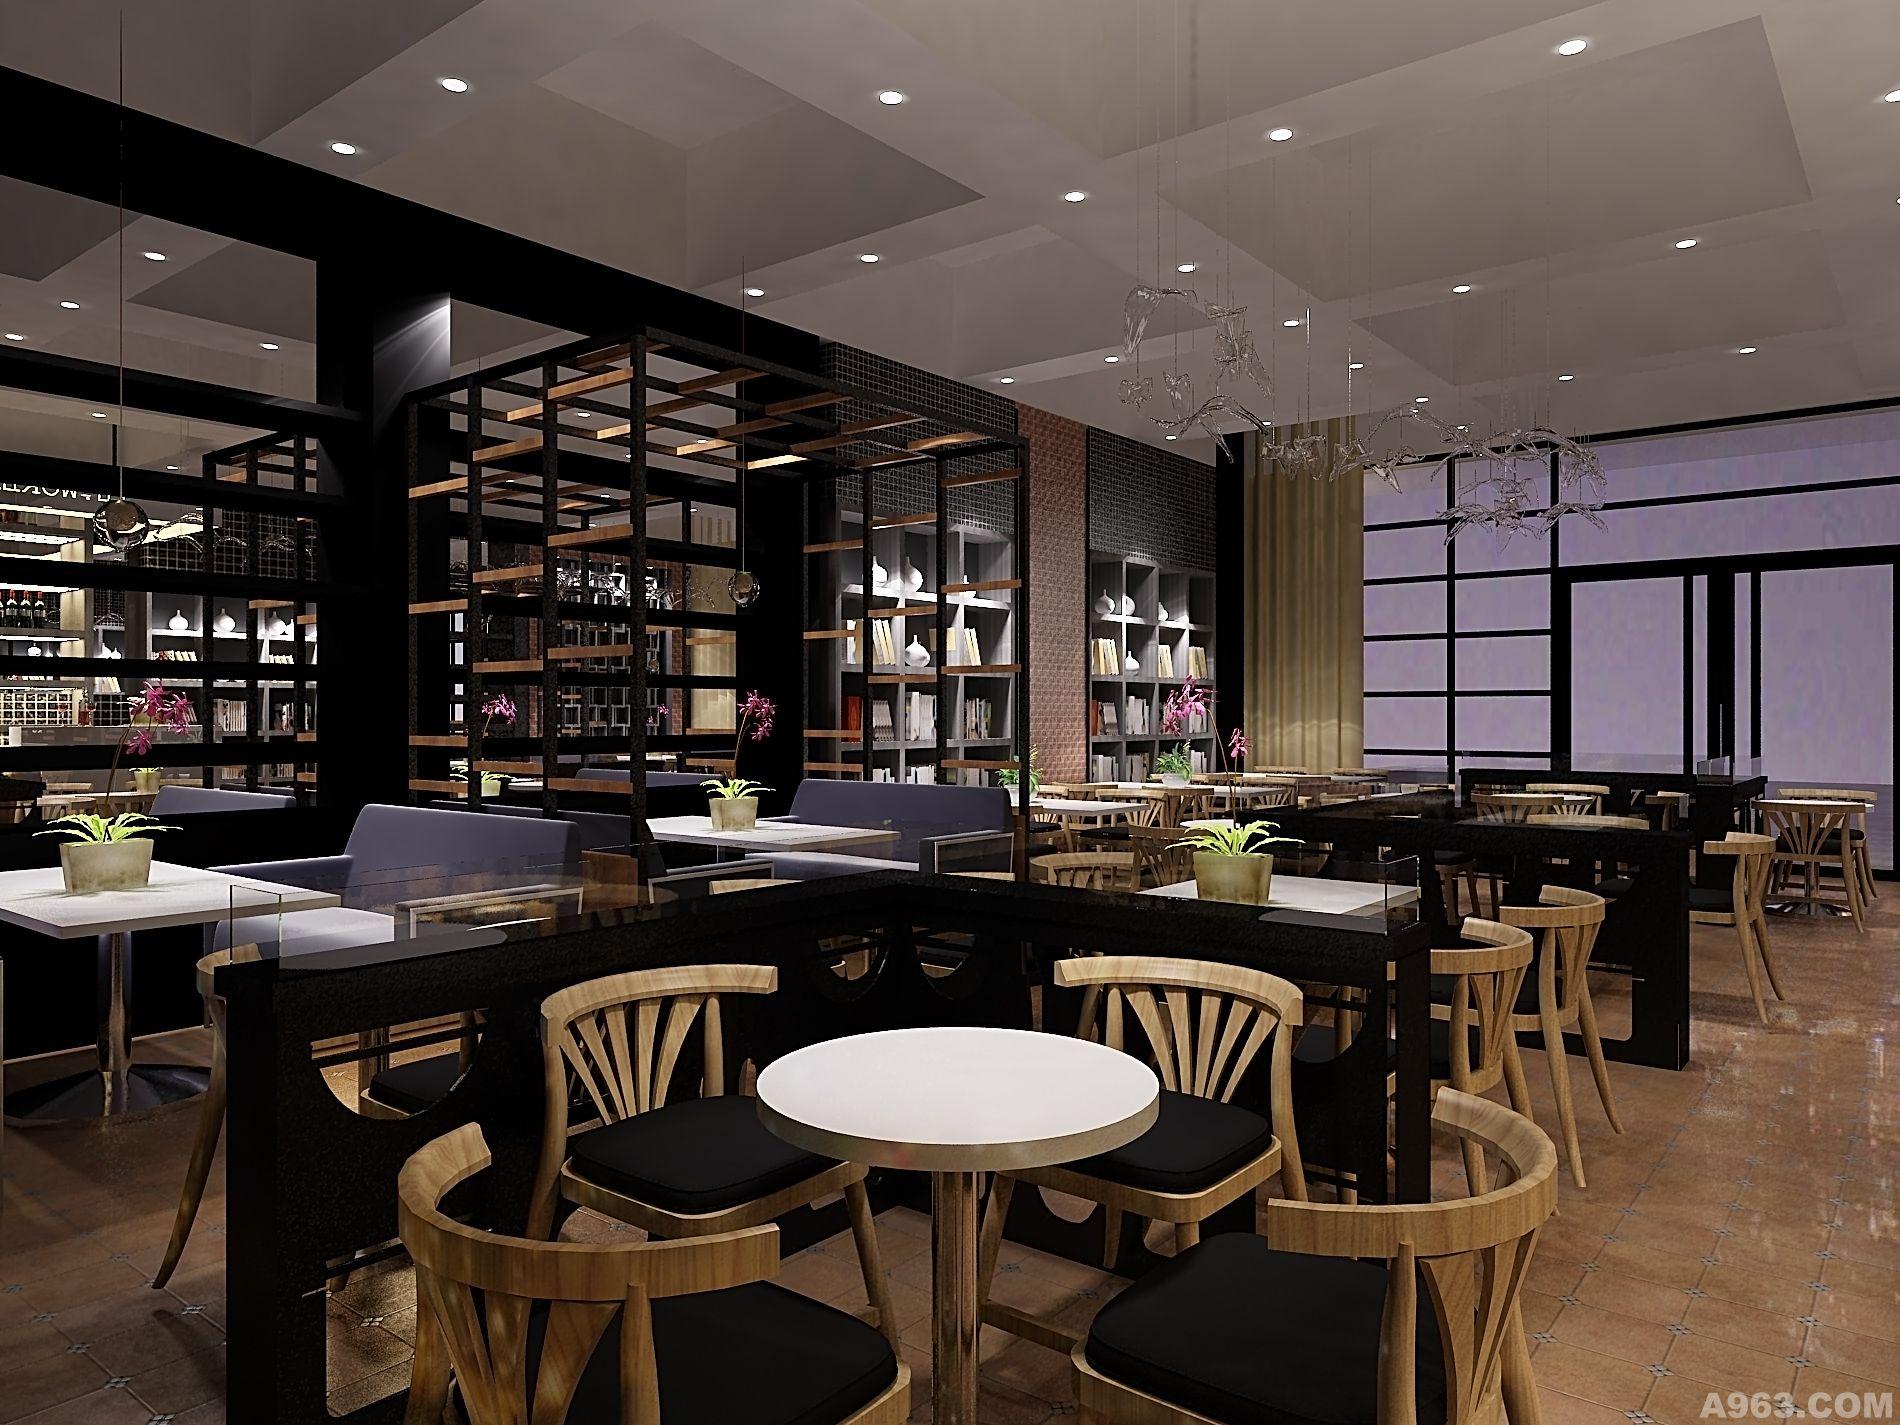 意浓咖啡店 - 公共空间 - 北京室内设计网_北京室内